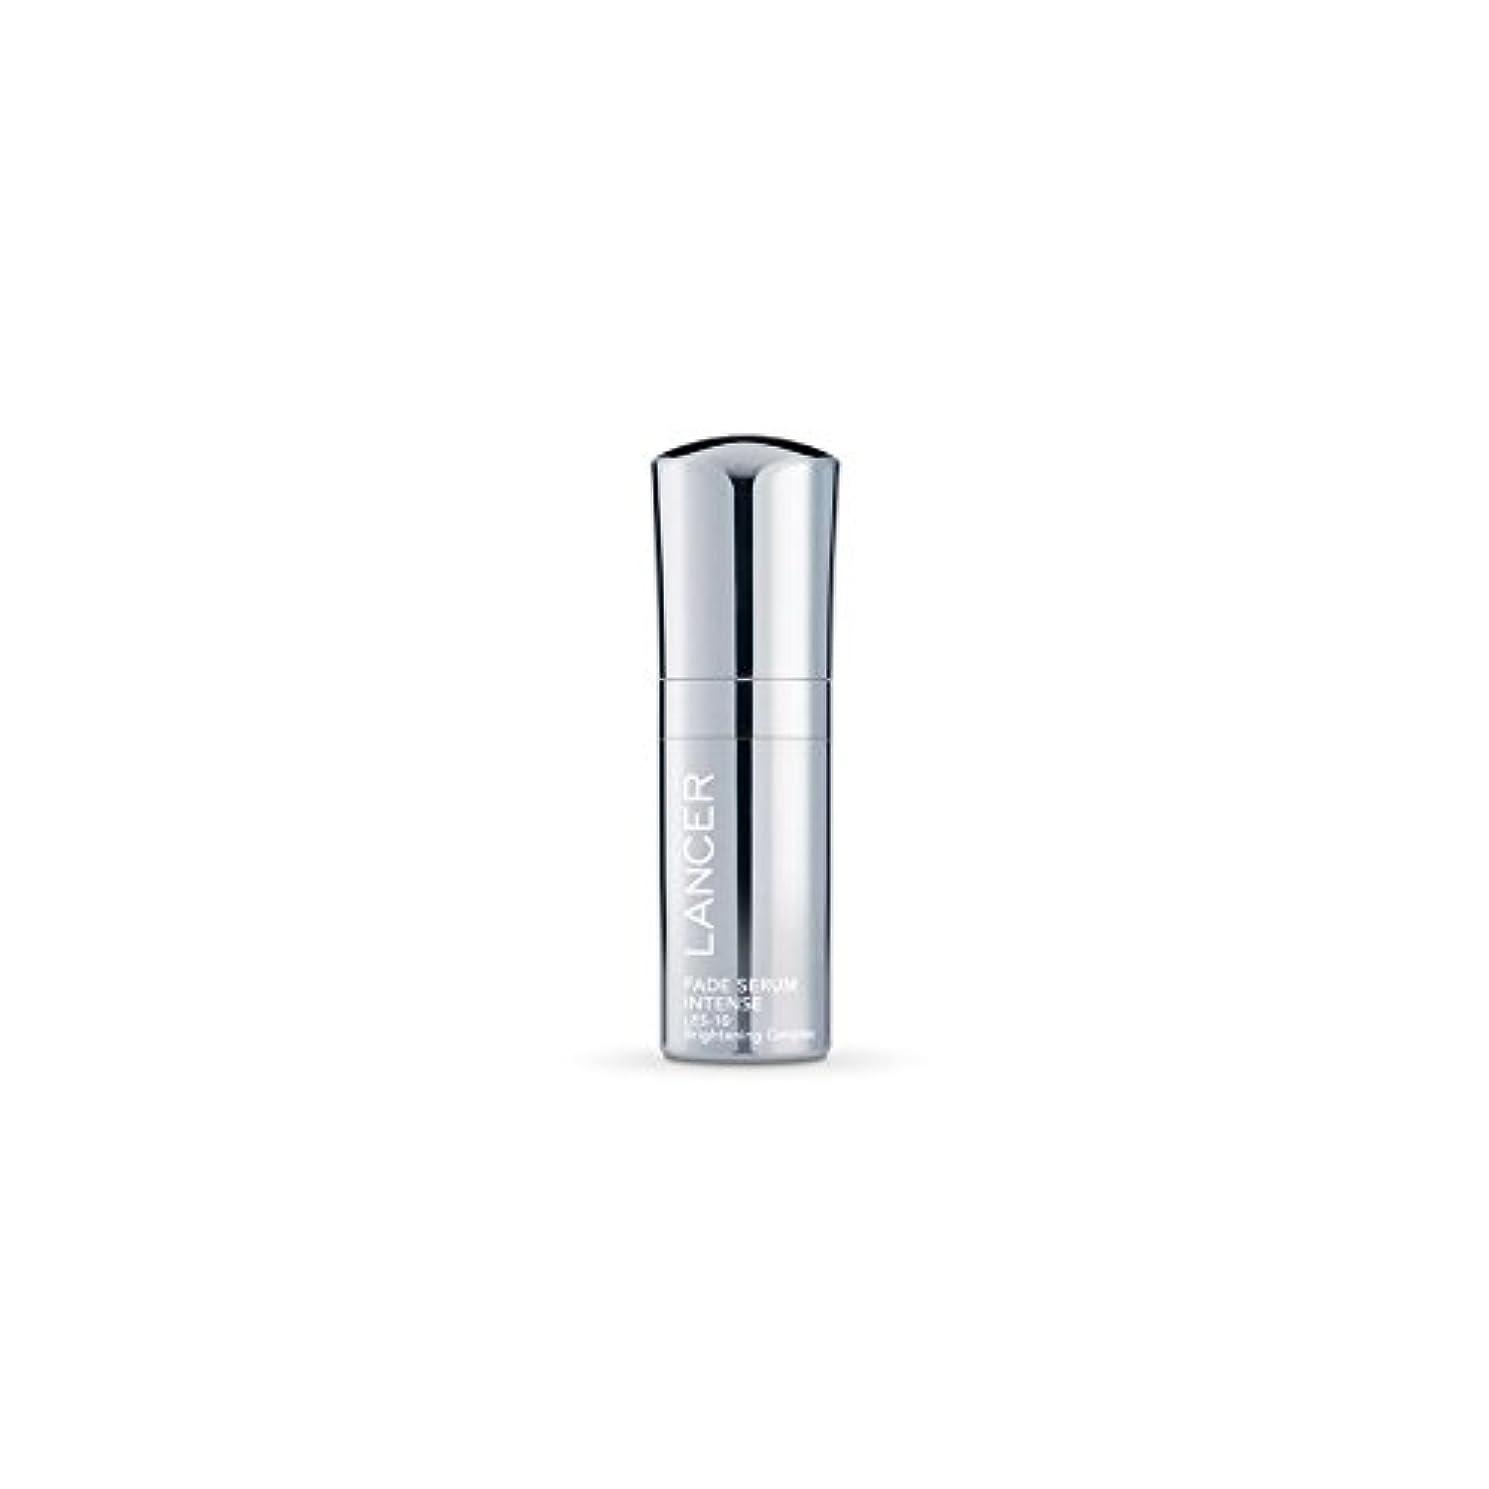 ハグメカニック運ぶ強烈ランサースキンケアフェード血清(30ミリリットル) x4 - Lancer Skincare Fade Serum Intense (30ml) (Pack of 4) [並行輸入品]